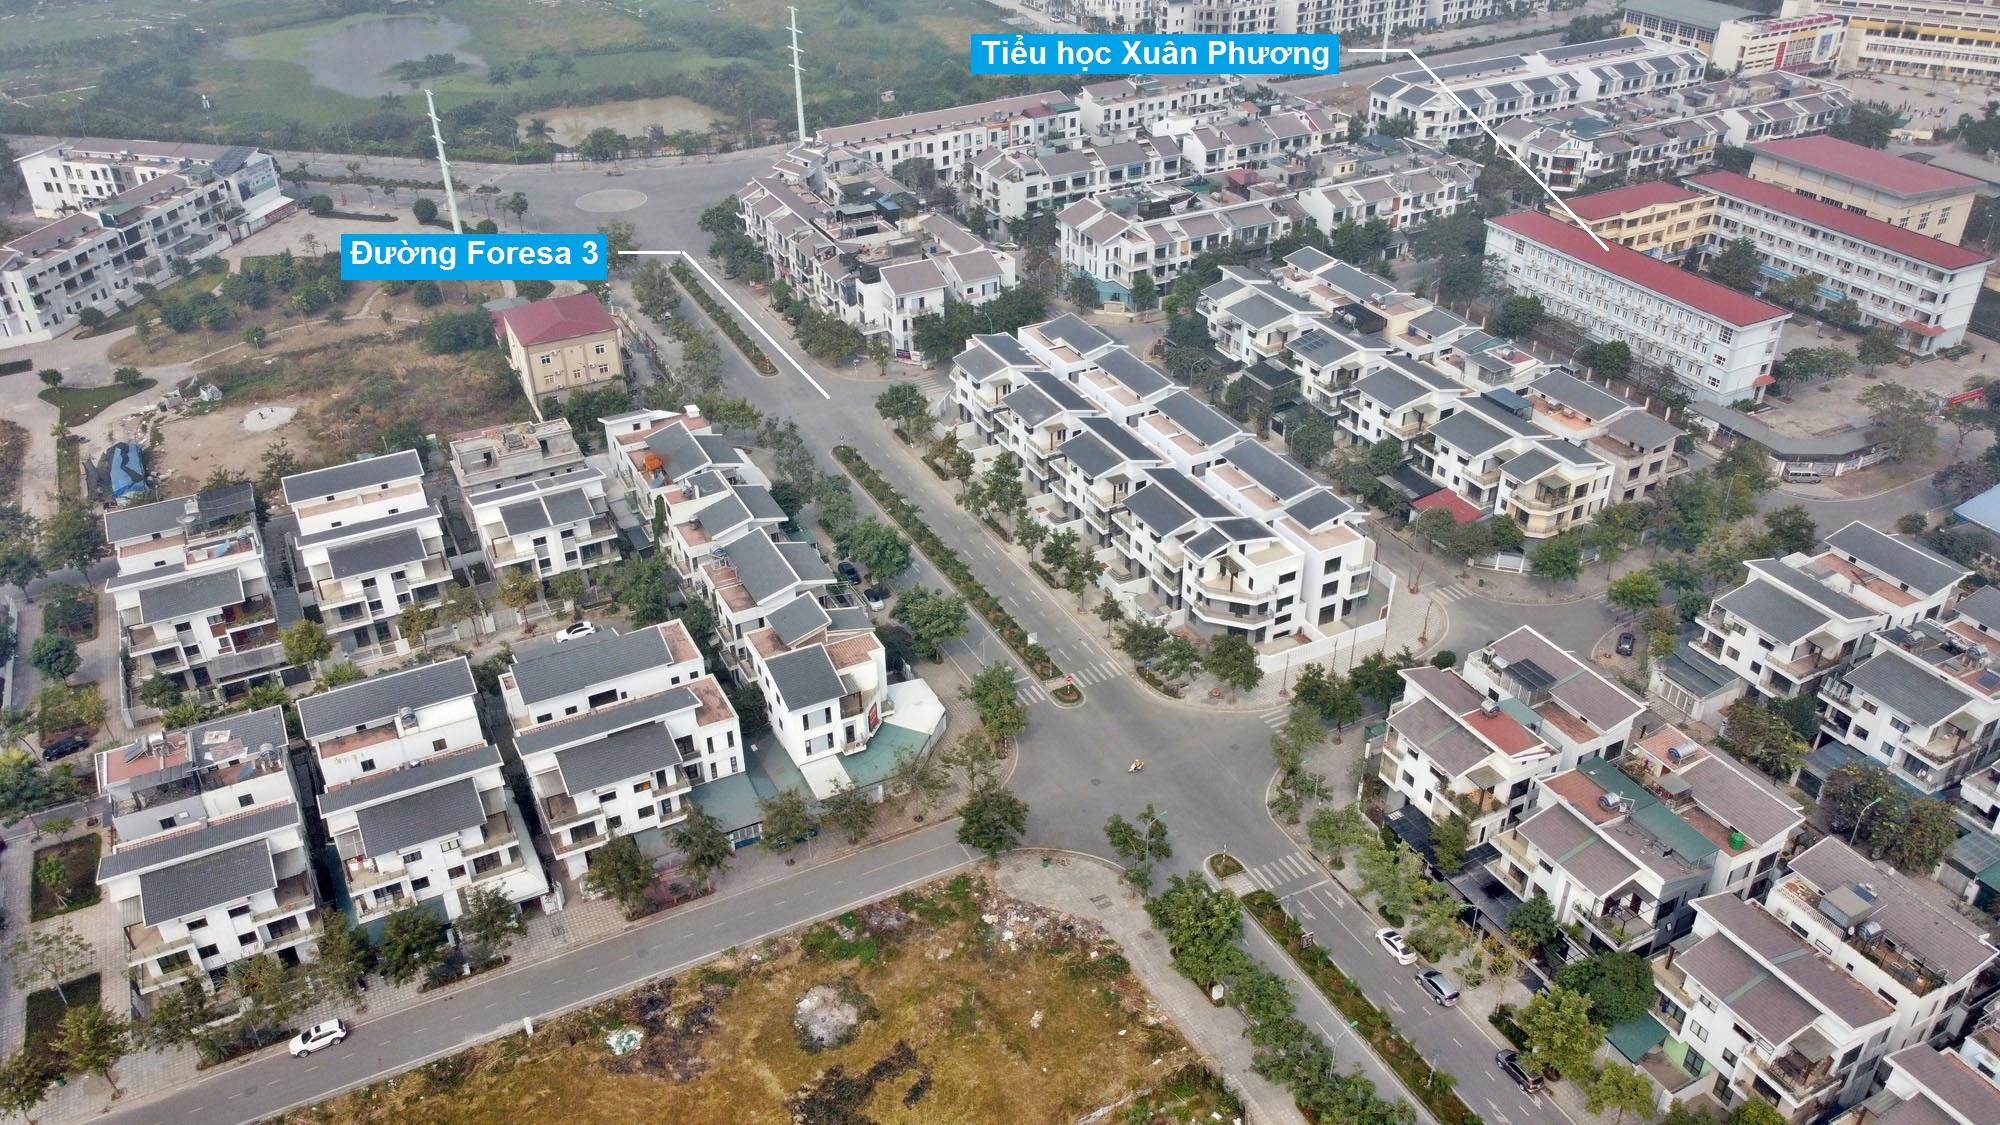 Ba đường sẽ mở theo qui hoạch ở phường Xuân Phương, Nam Từ Liêm, Hà Nội (phần 2) - Ảnh 7.